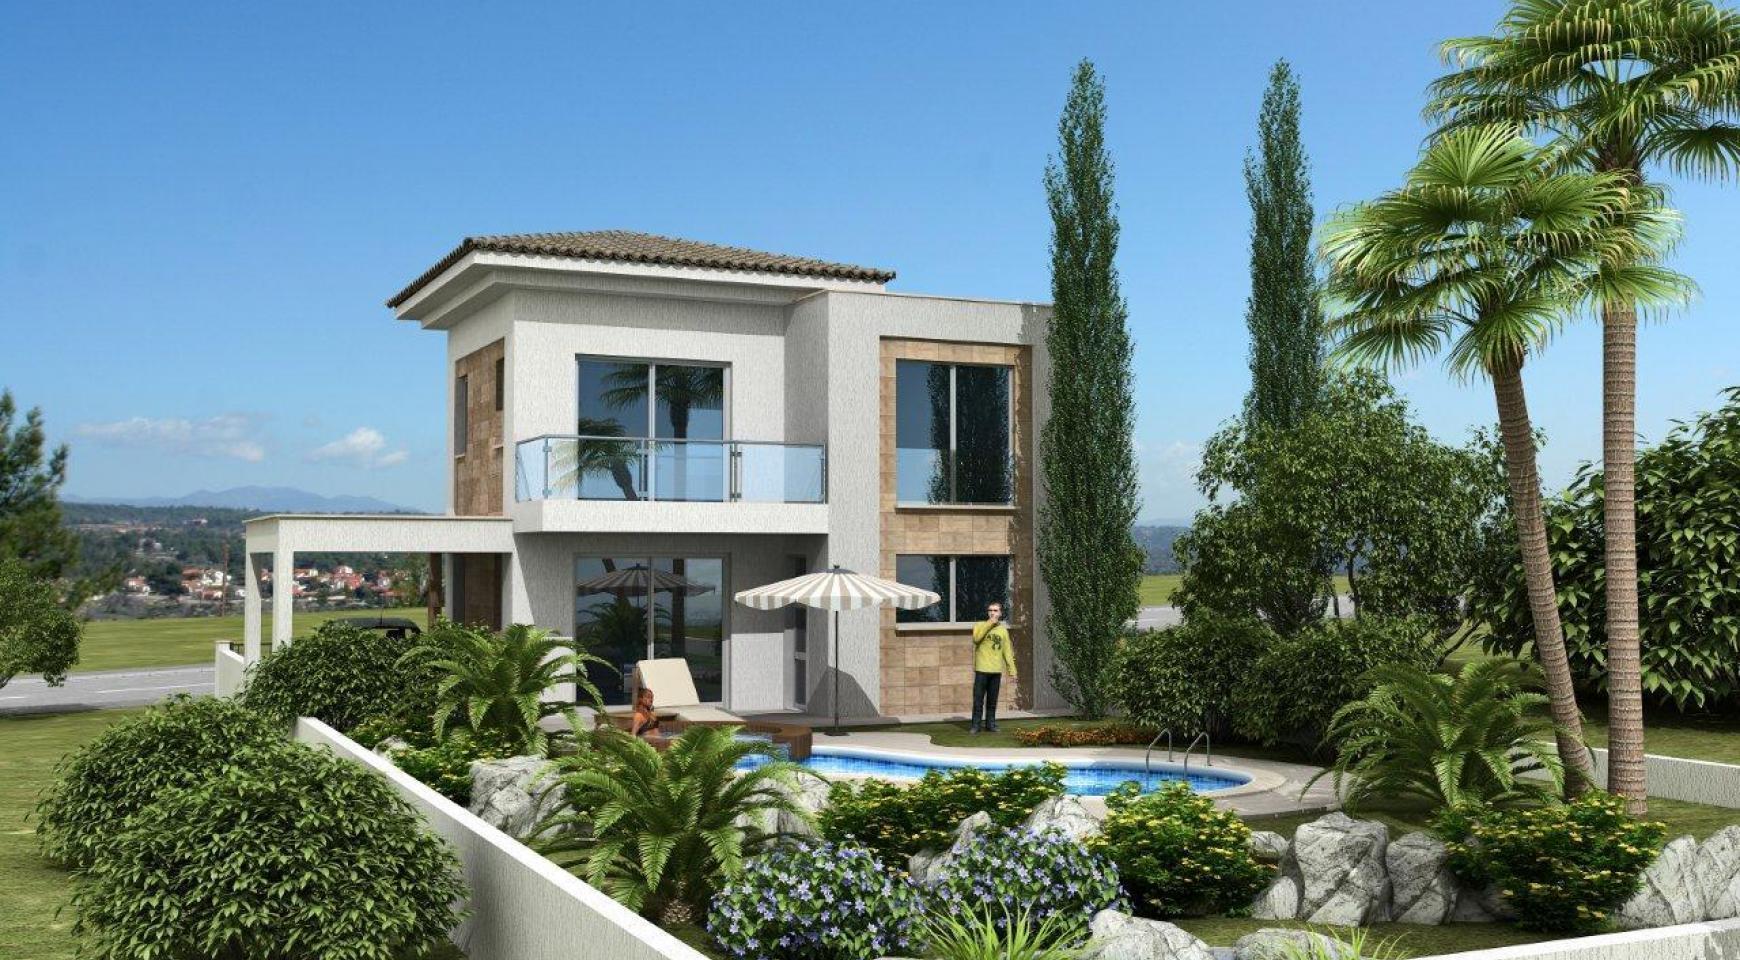 New 3 Bedroom Villa in a Contemporary Development in Moni - 1